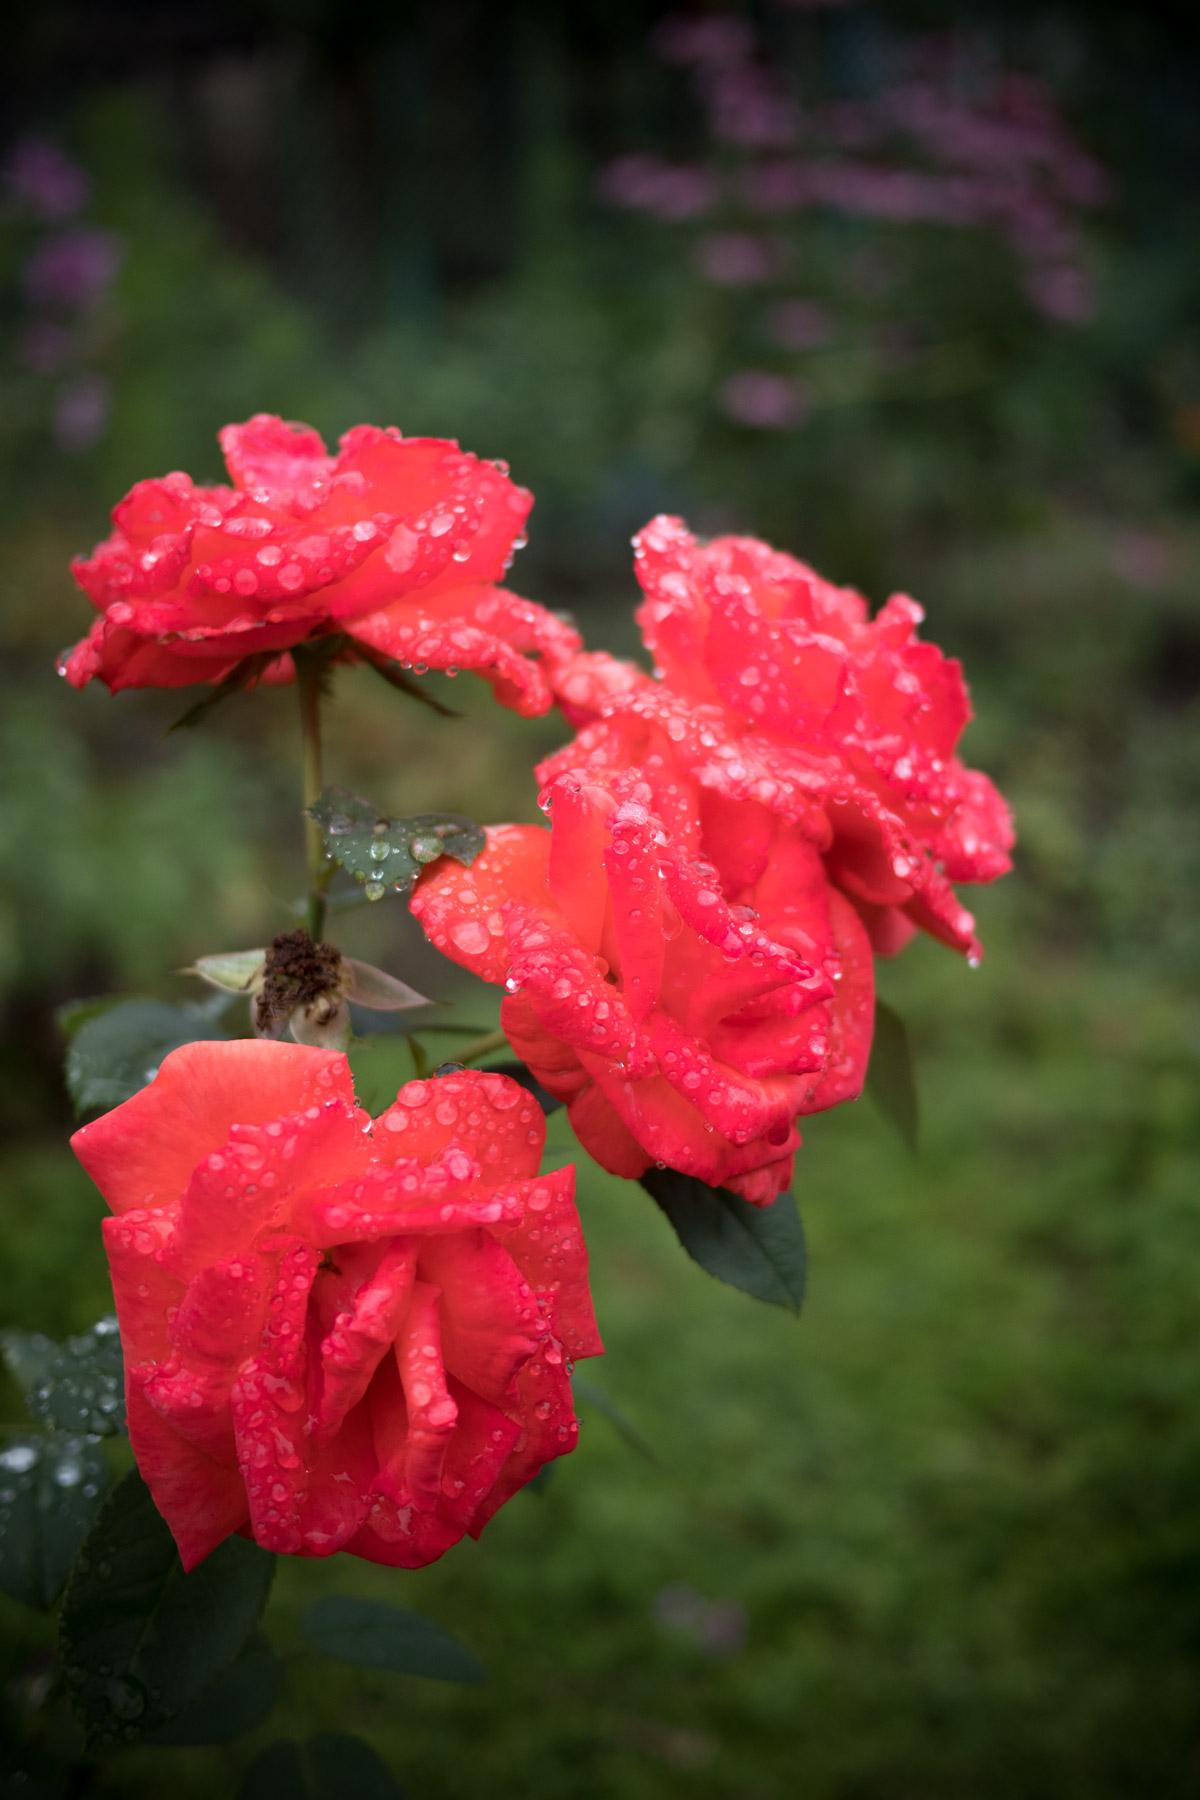 雨上がりび深緑の上に艶めかしく浮かぶ、滴る真紅の薔薇の花